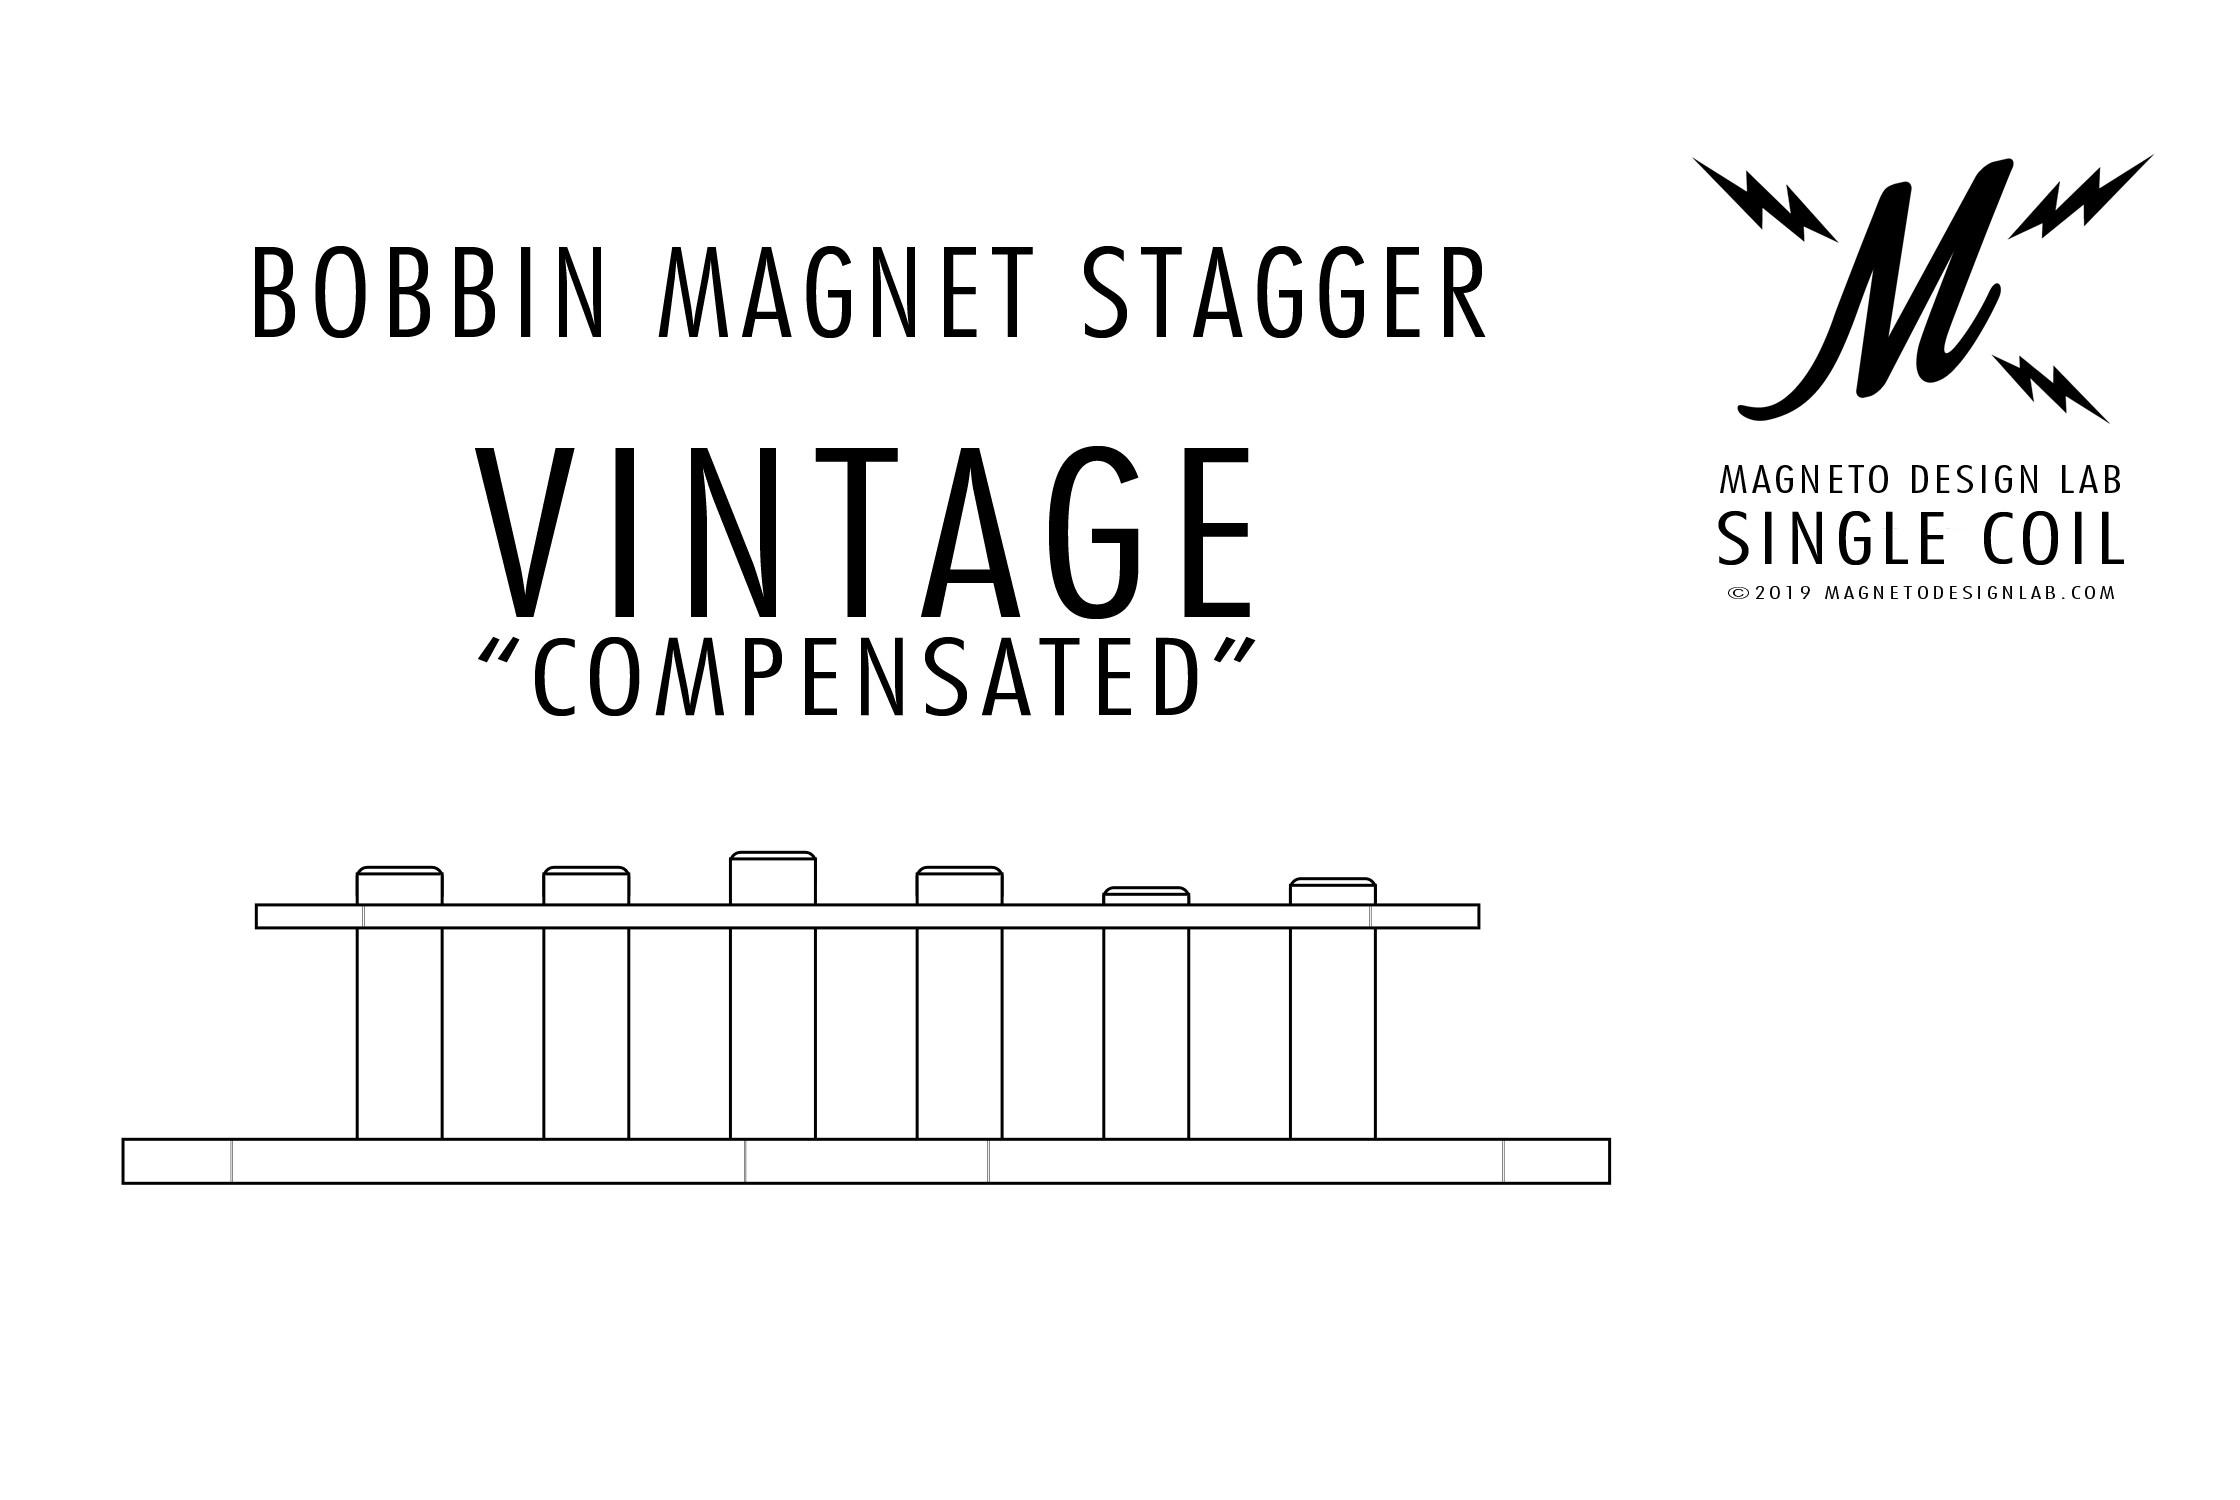 Bobbin-Magnet-Stagger-Vintage-Compensated-Magneto-Design-Lab-Single-Coil-Style-Guitar-Pickup.jpg